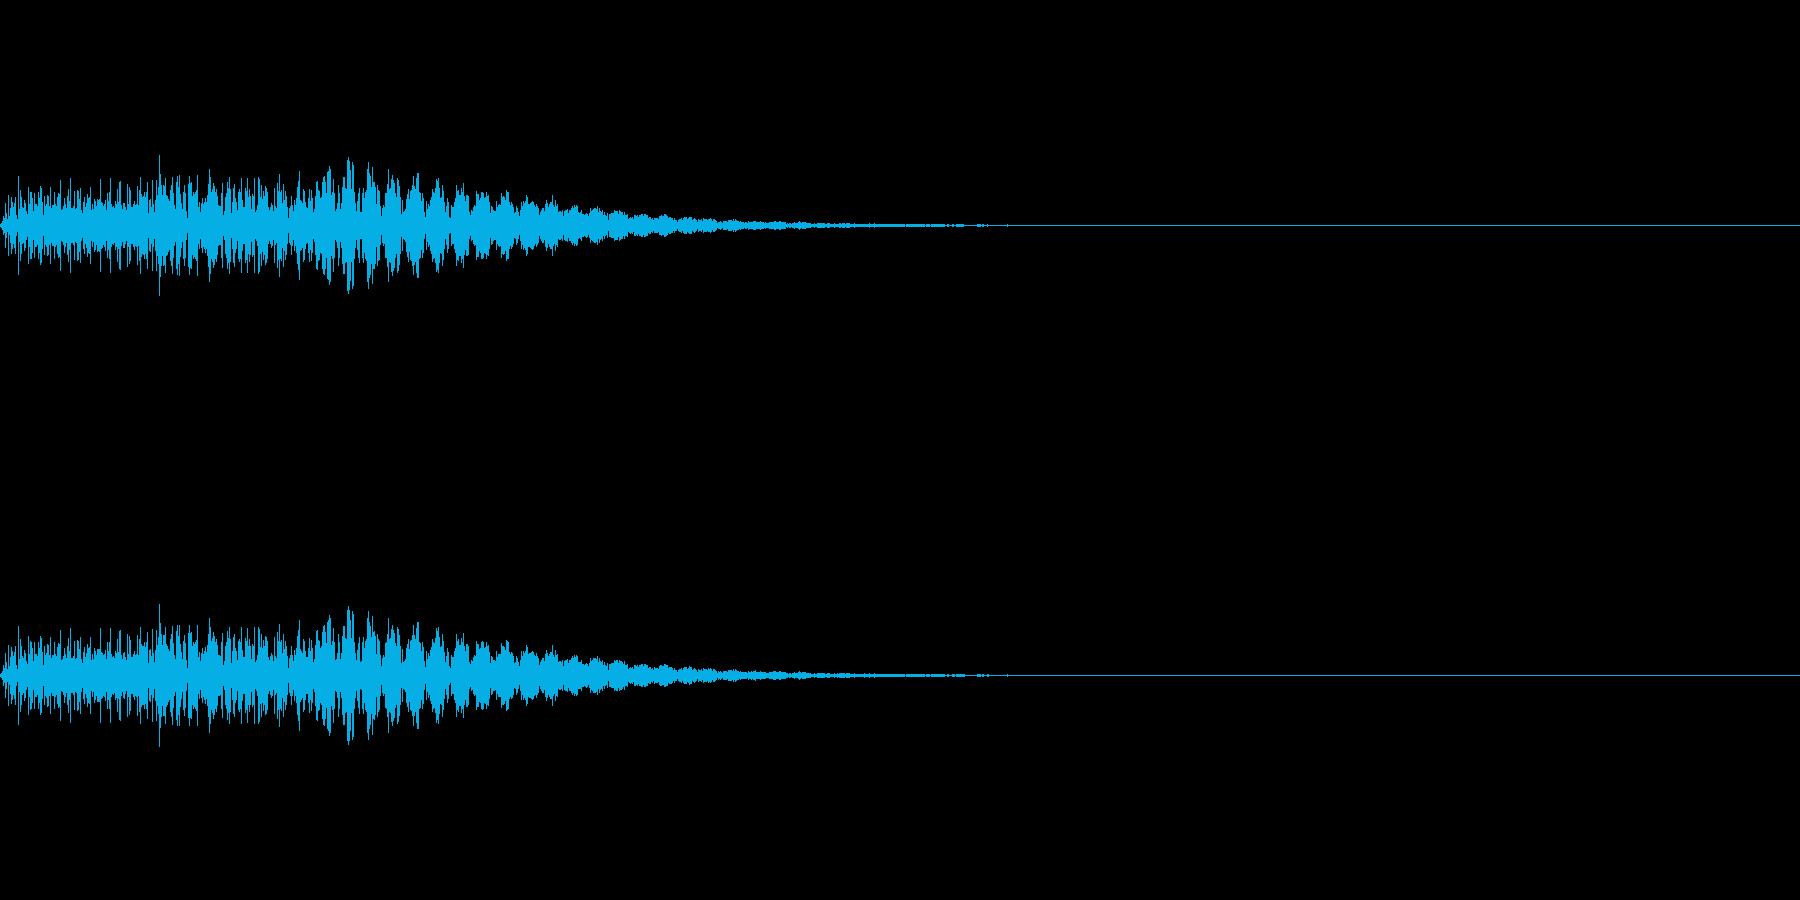 タララン(ピアノのエラー音)の再生済みの波形